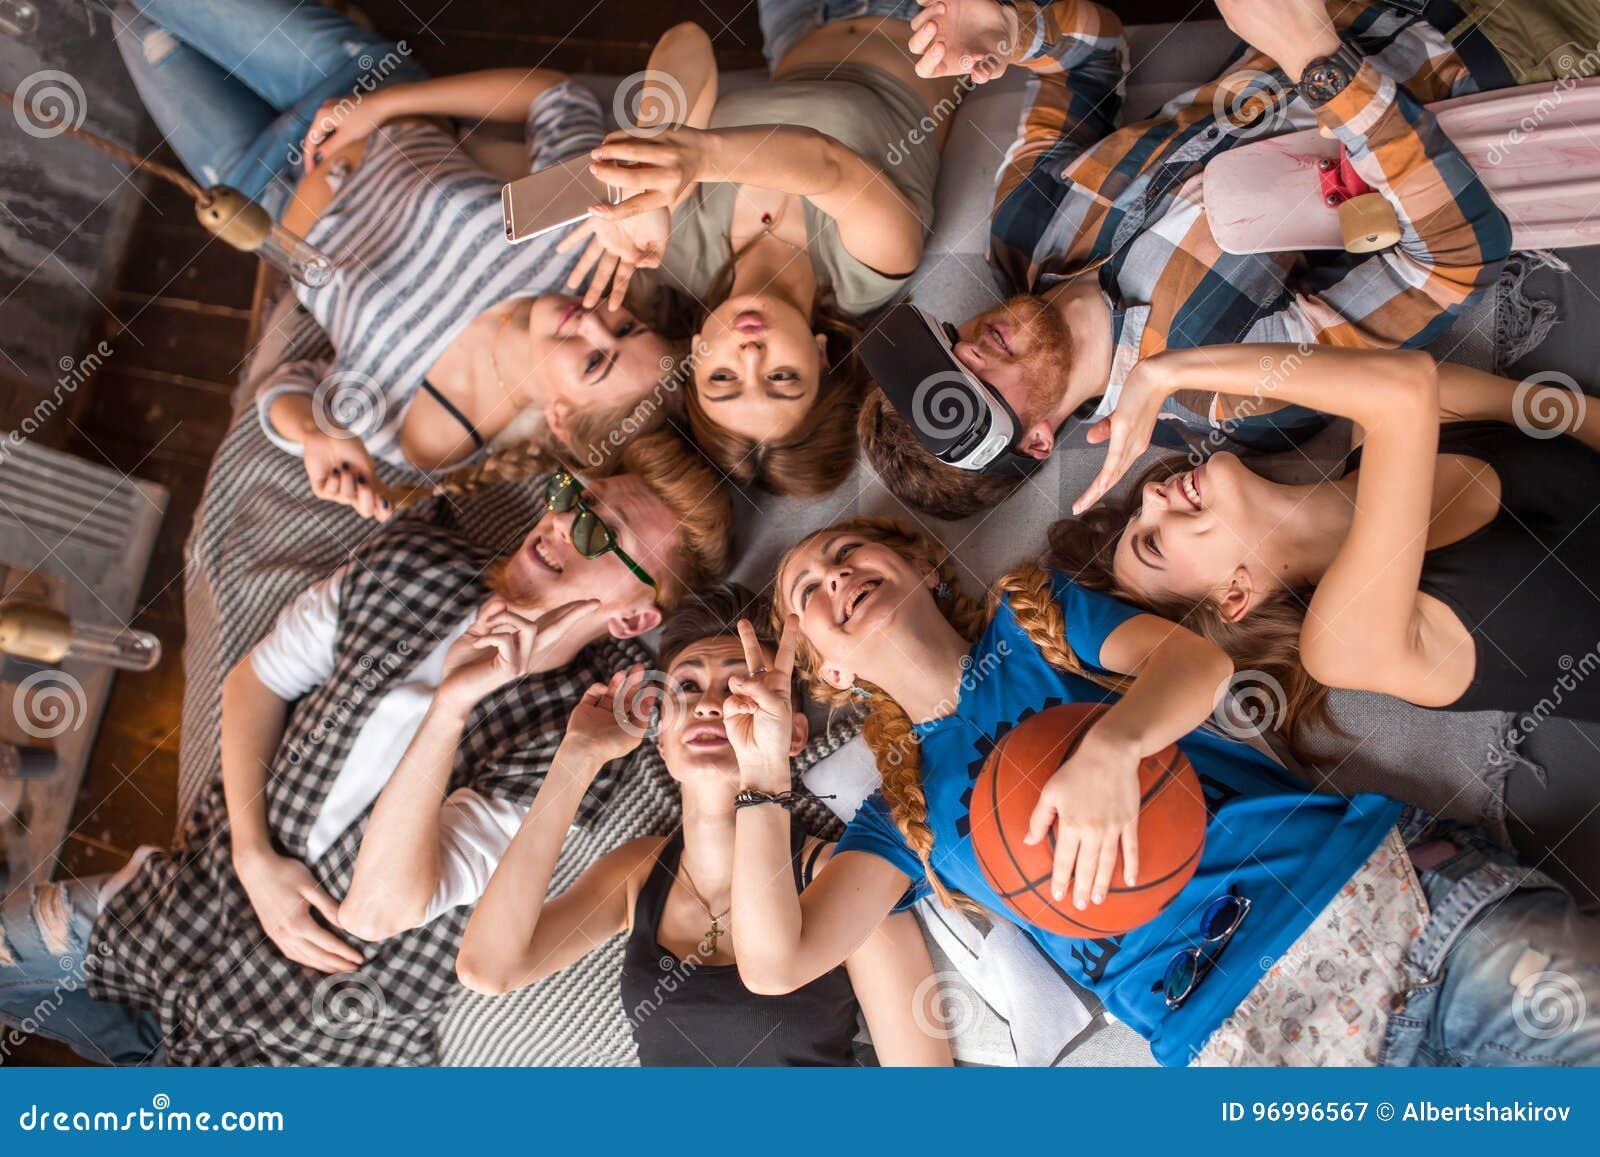 Freundschaft, Freizeit, Sommer und Leutekonzept - Gruppe lächelnde Freunde, die zuhause auf Boden im Kreis liegen